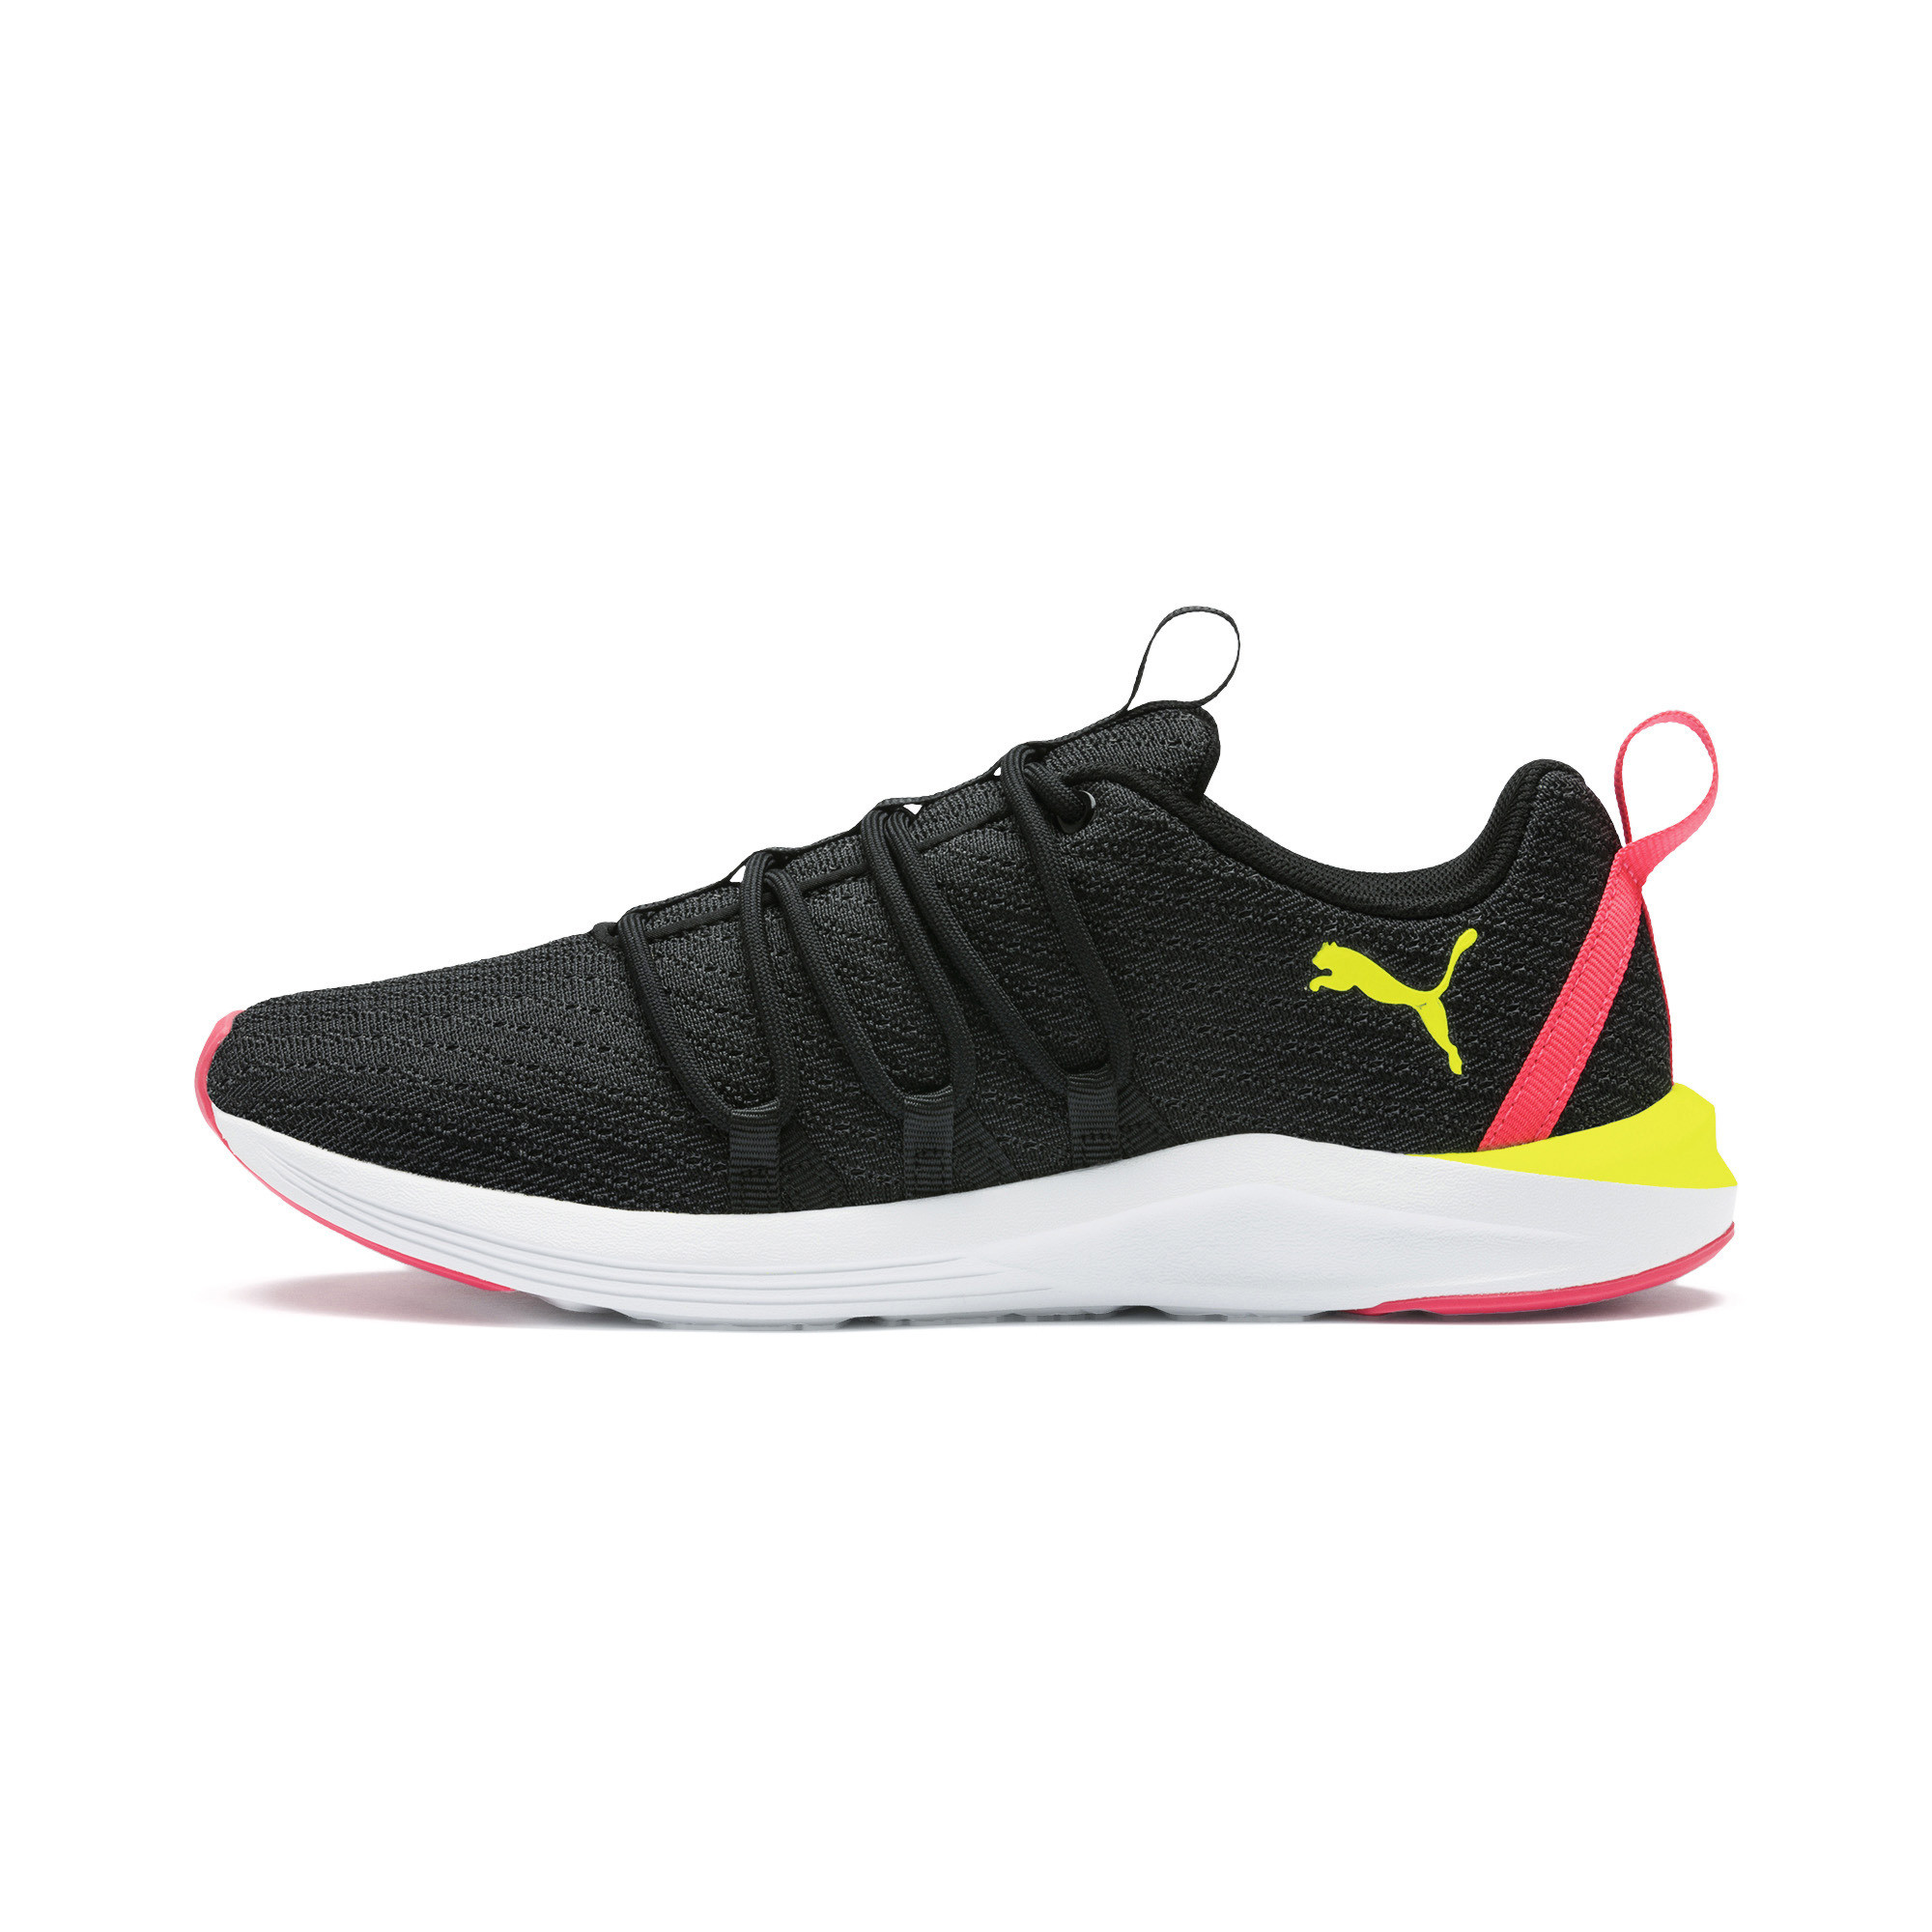 PUMA-Prowl-Alt-Neon-Women-s-Training-Shoes-Women-Shoe-Training thumbnail 4